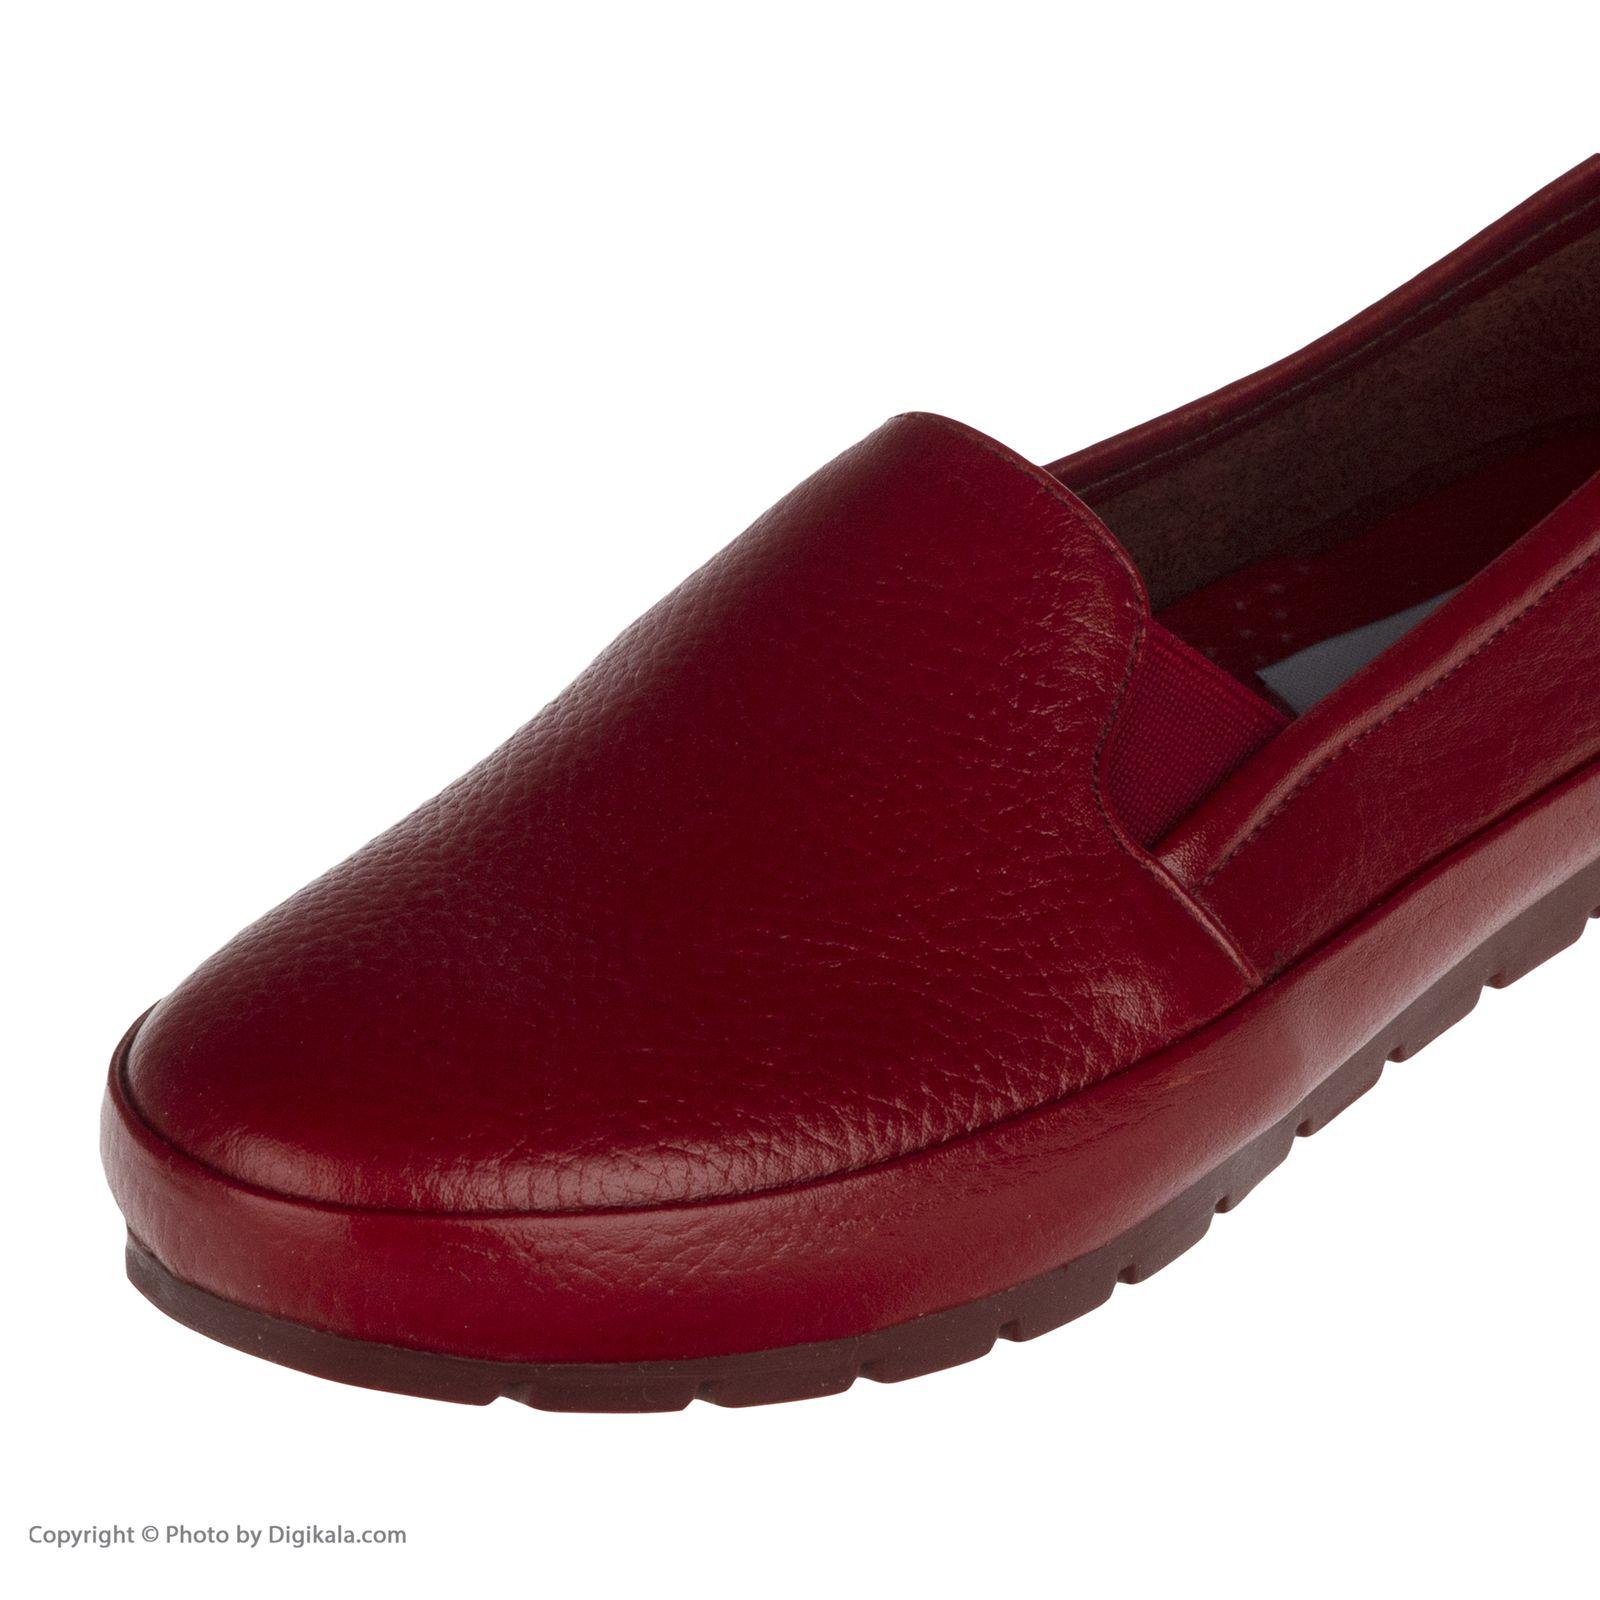 کفش روزمره زنانه بلوط مدل 5313A500102 -  - 8